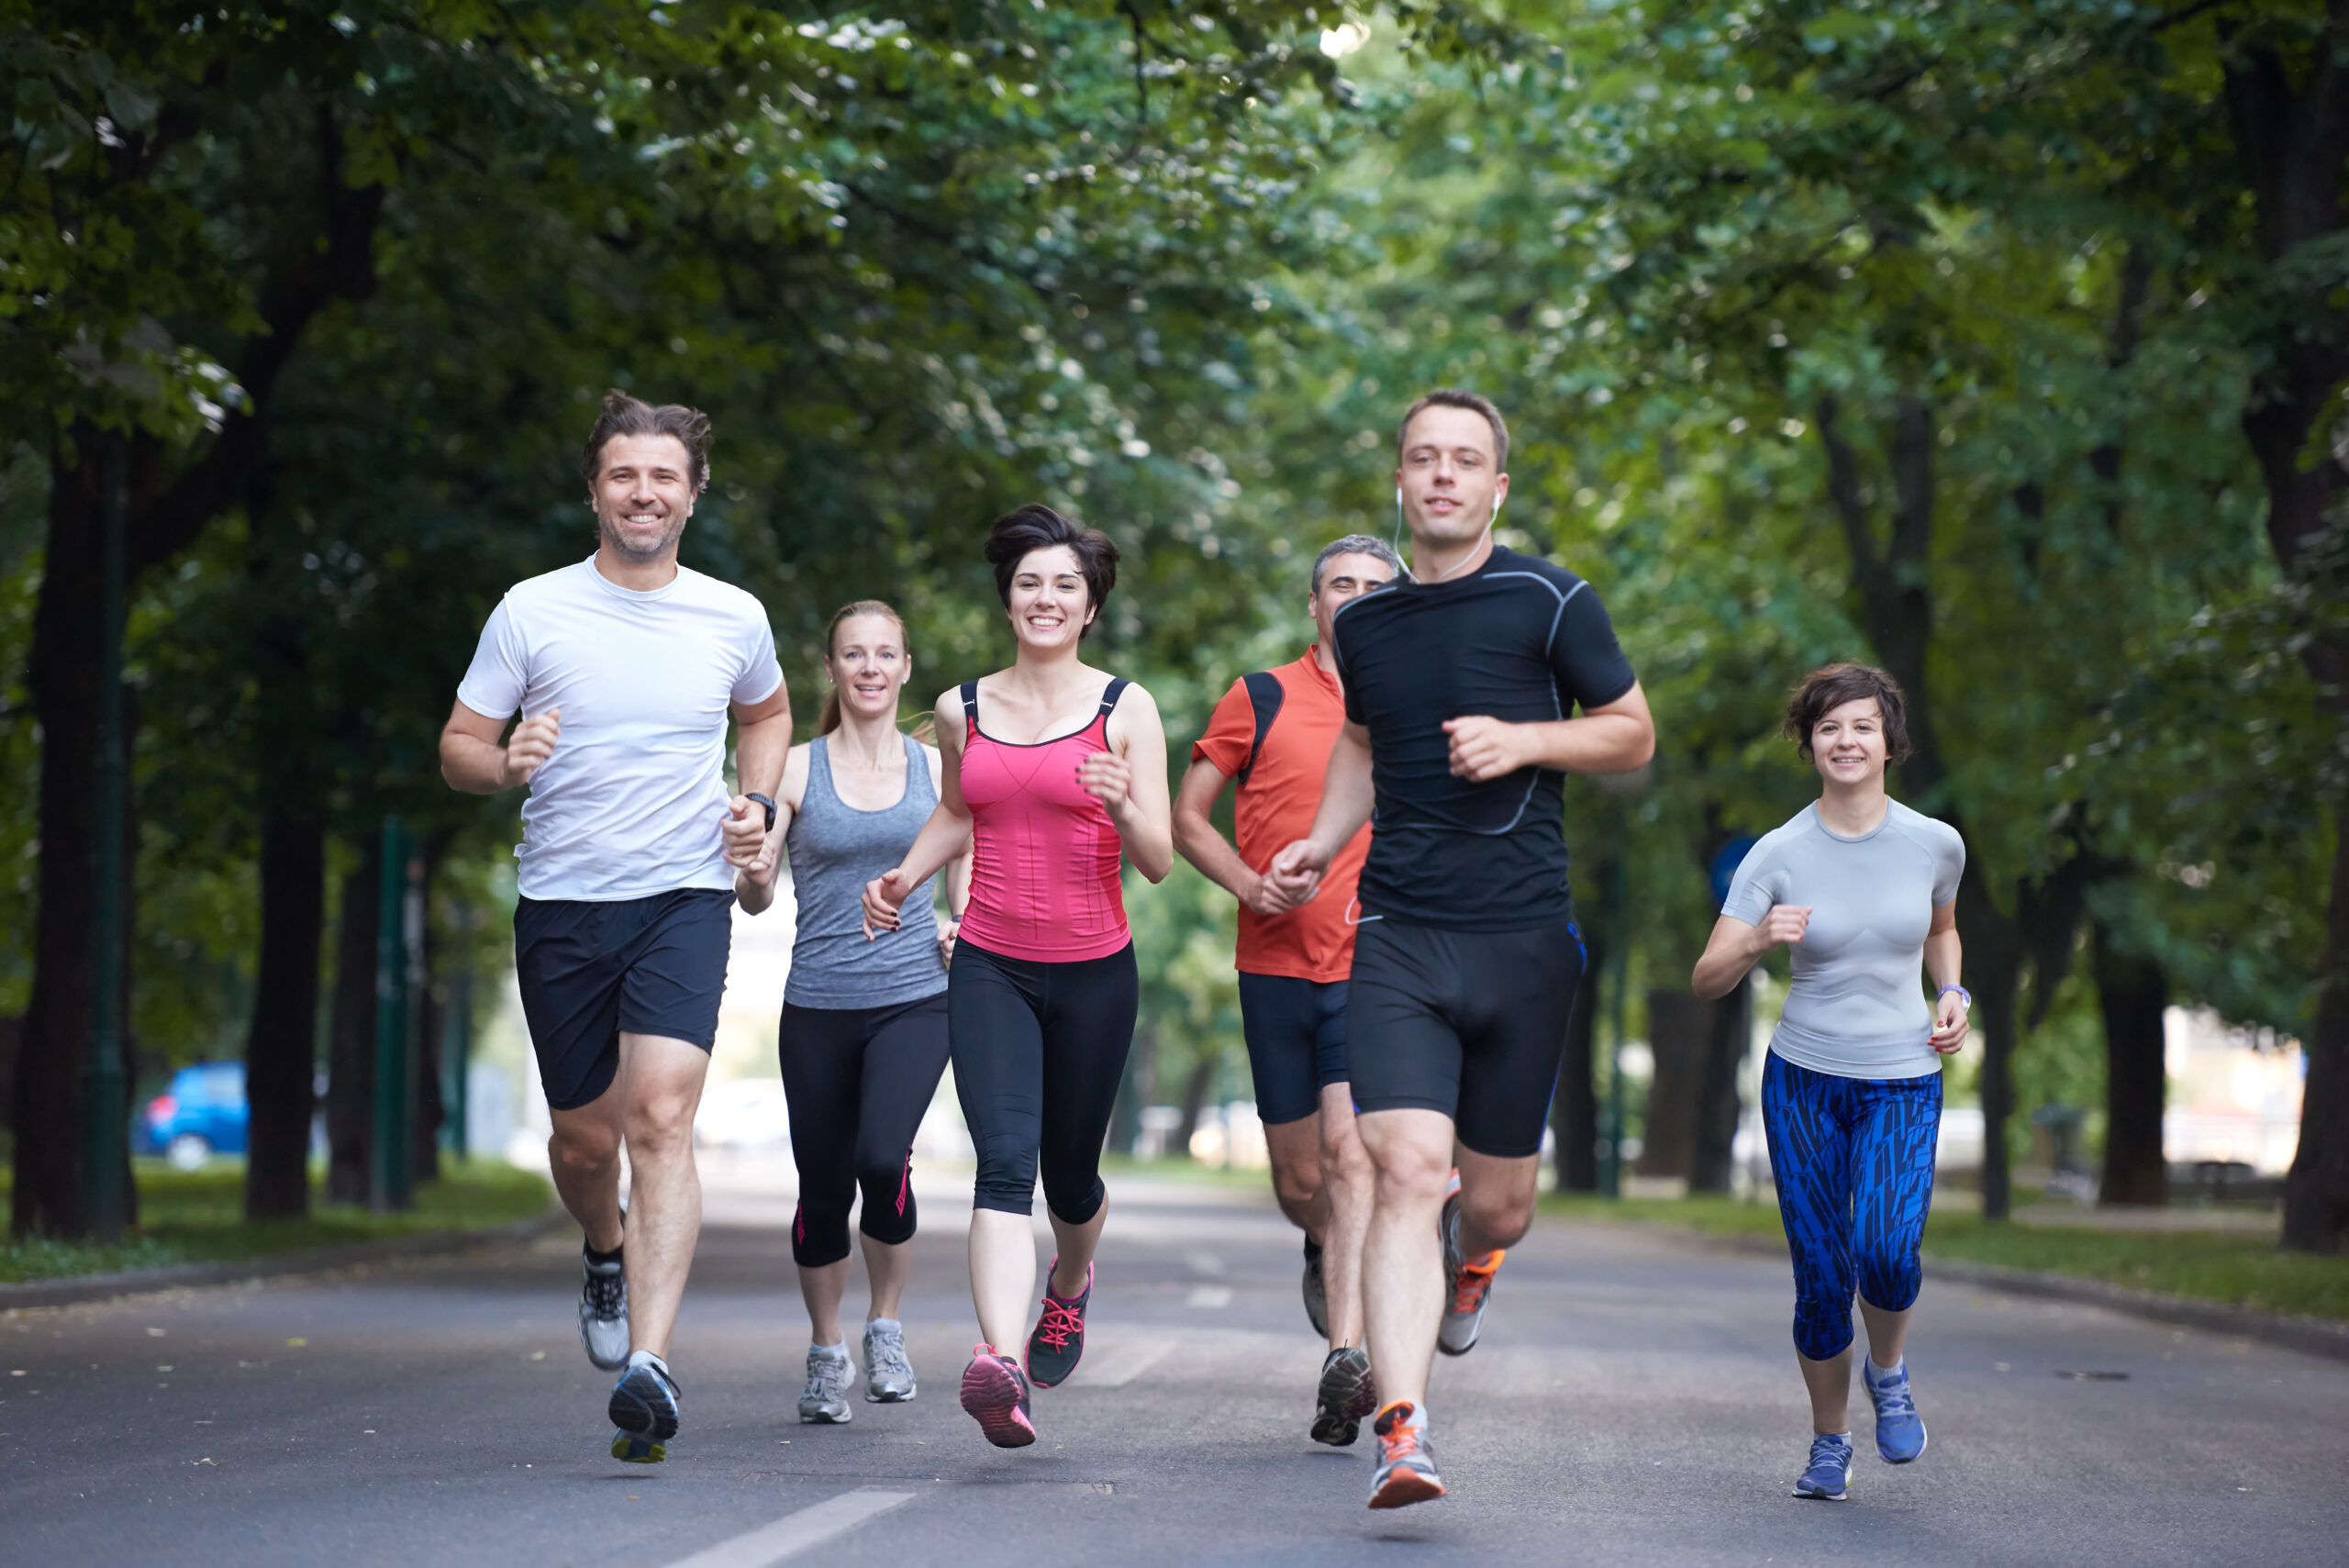 Bieganie – sposób na powrót do firmy po pandemii